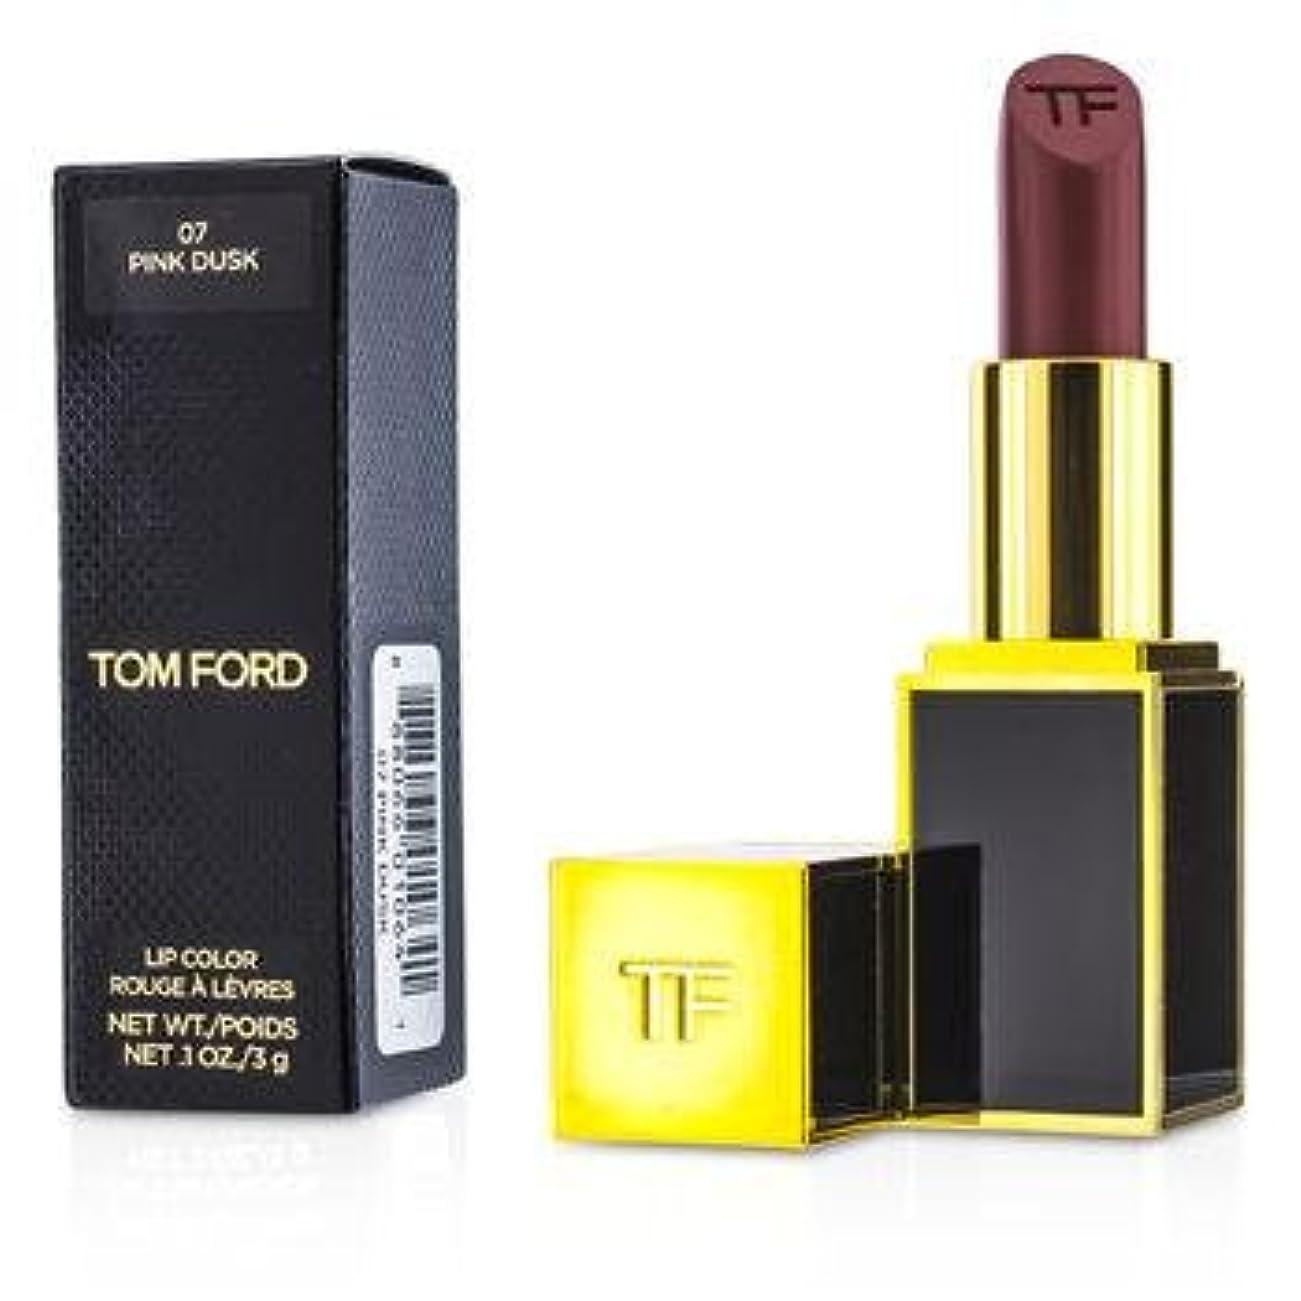 落ち着いてスティック隙間トム フォード Lip Color - # 07 Pink Dusk 3g/0.1oz並行輸入品